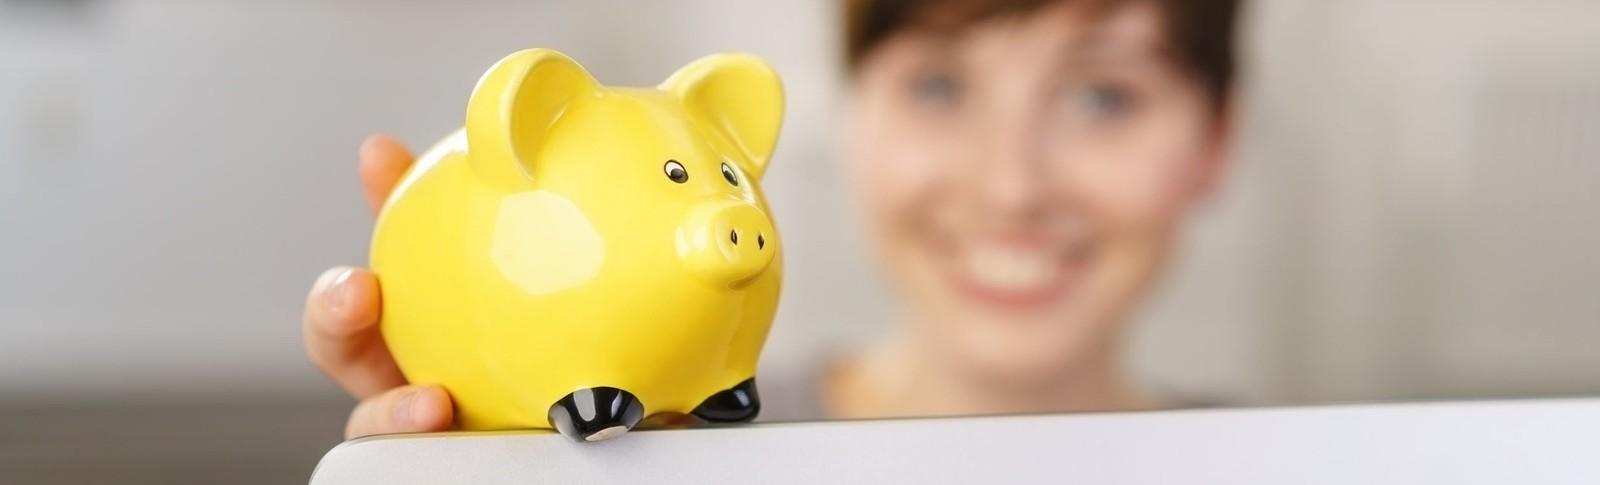 Frau hält gelbes Sparschwein in der Hand, denn in den Moser Kliniken kann sie ihre Bauchdeckenstraffung auf Raten bezahlen